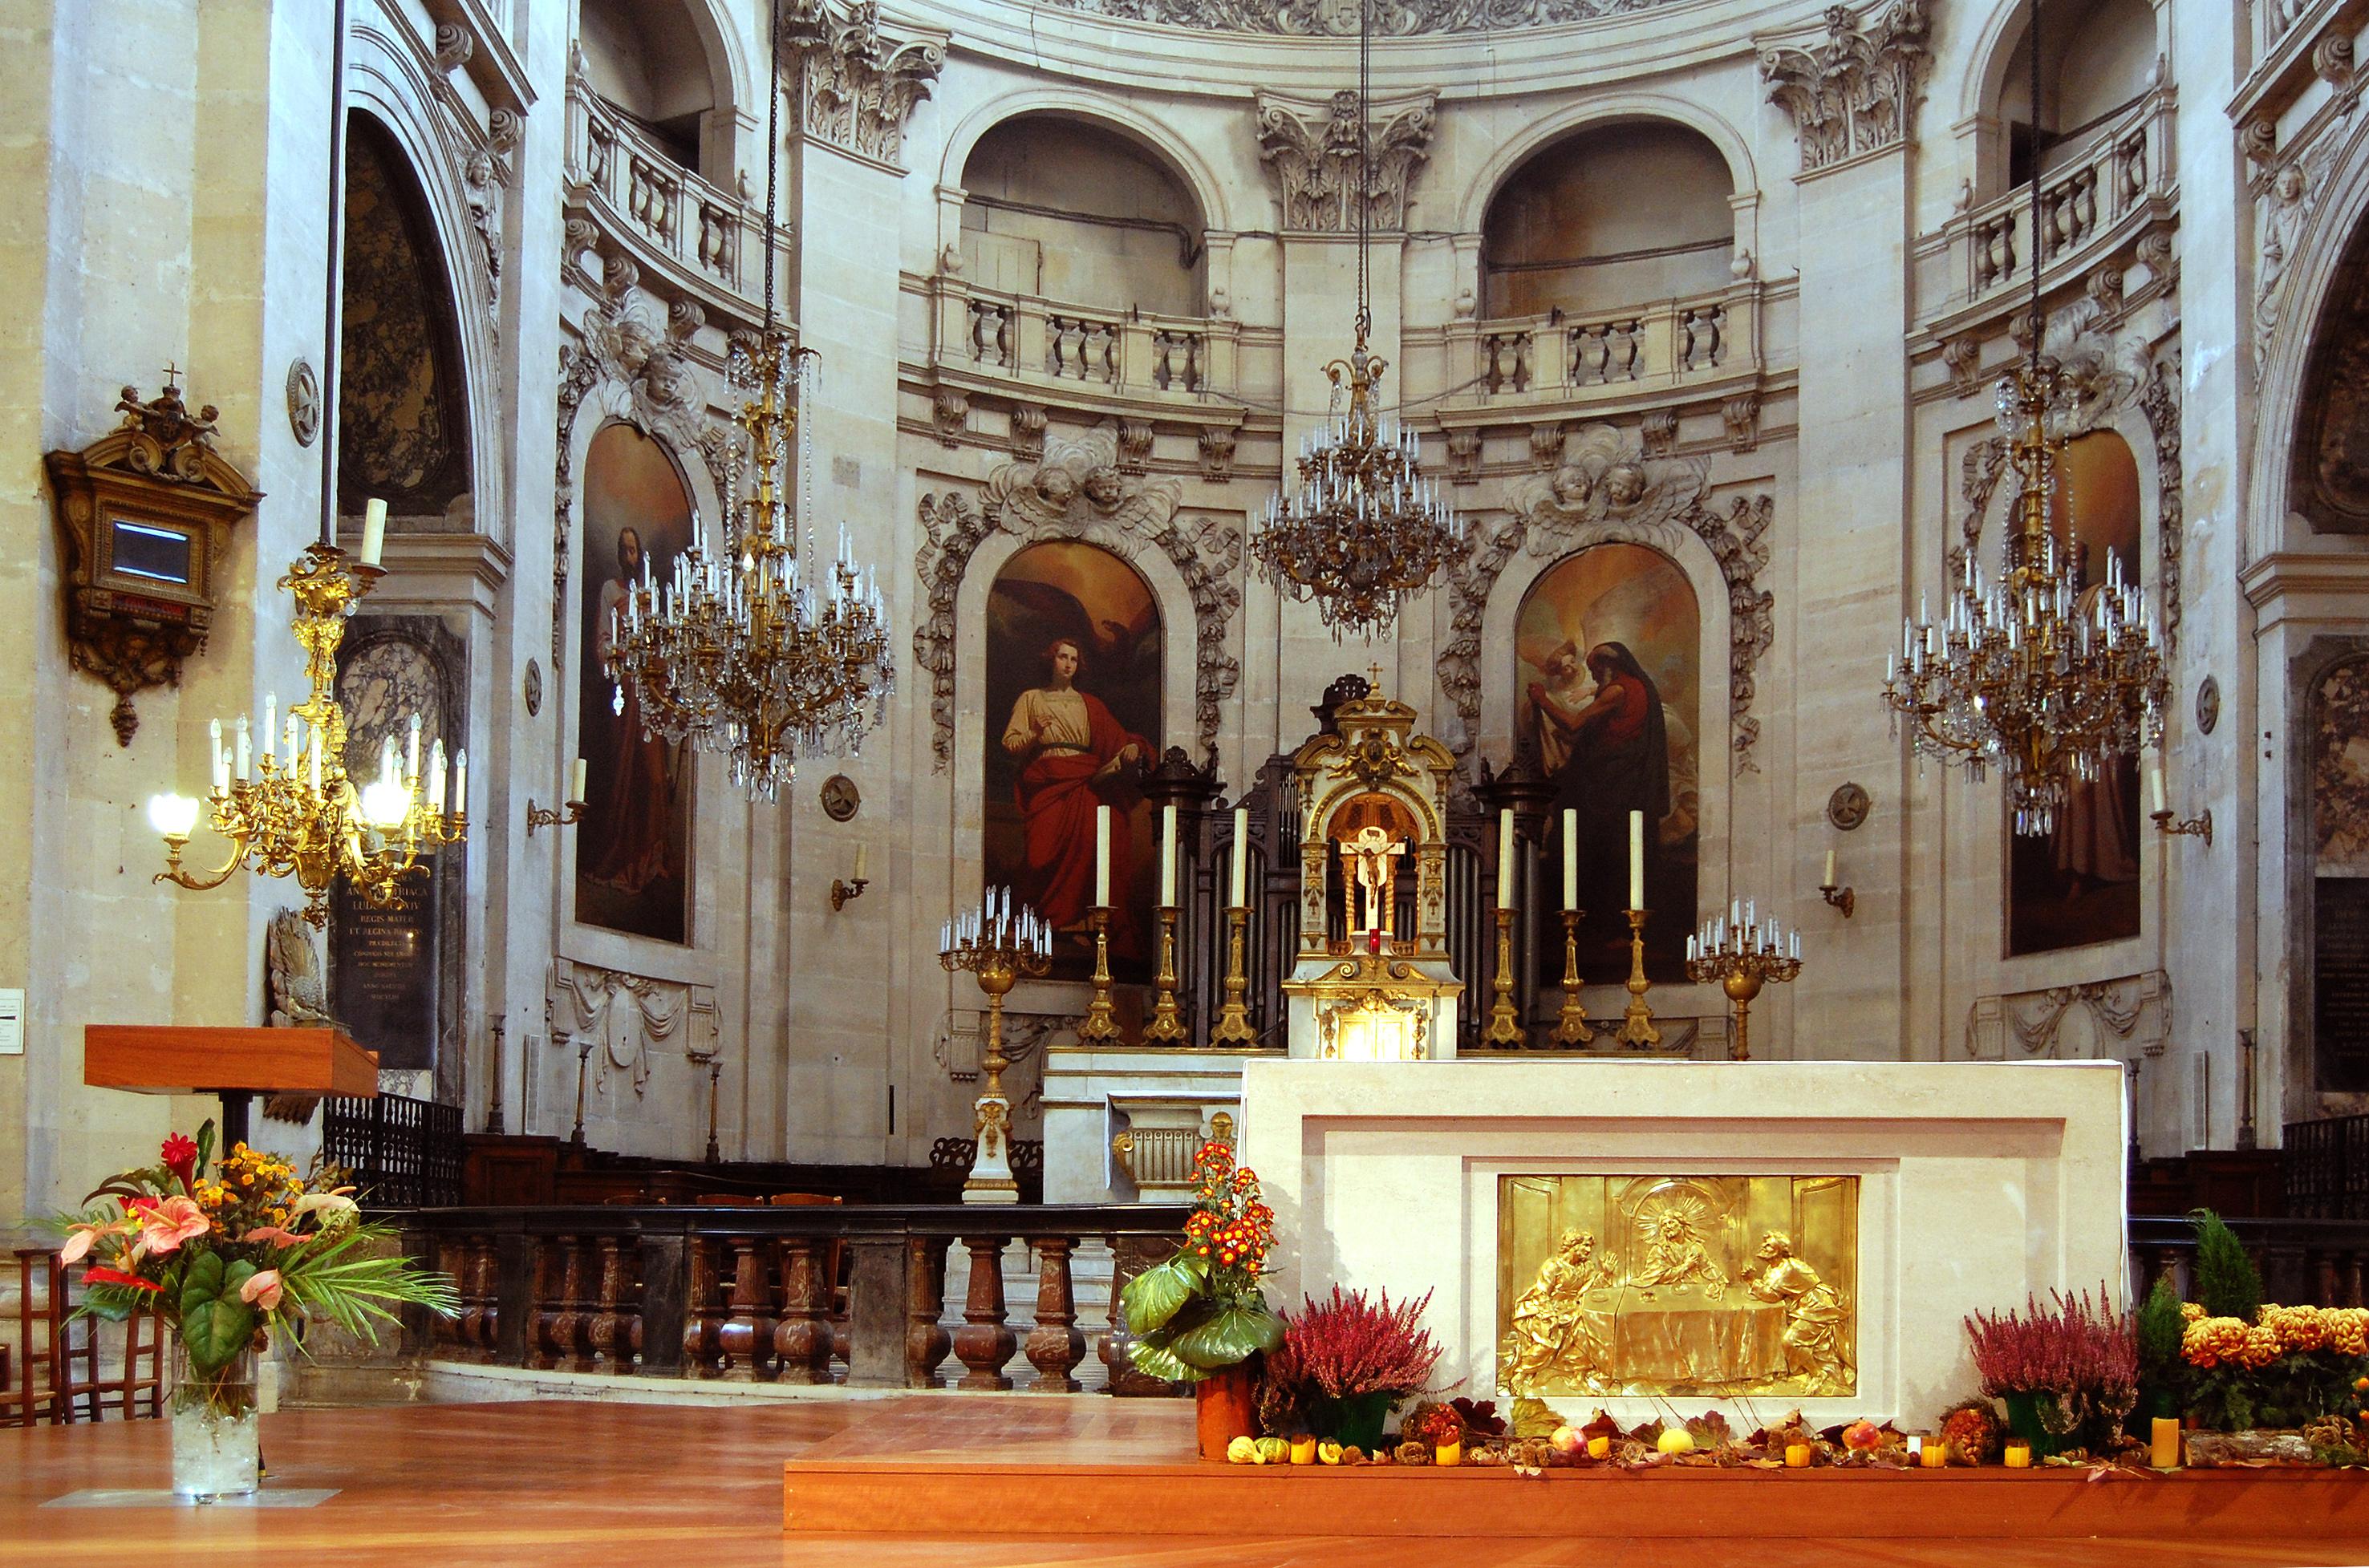 st Paul st Louis Paris File:st-paul-st-louis-dsc